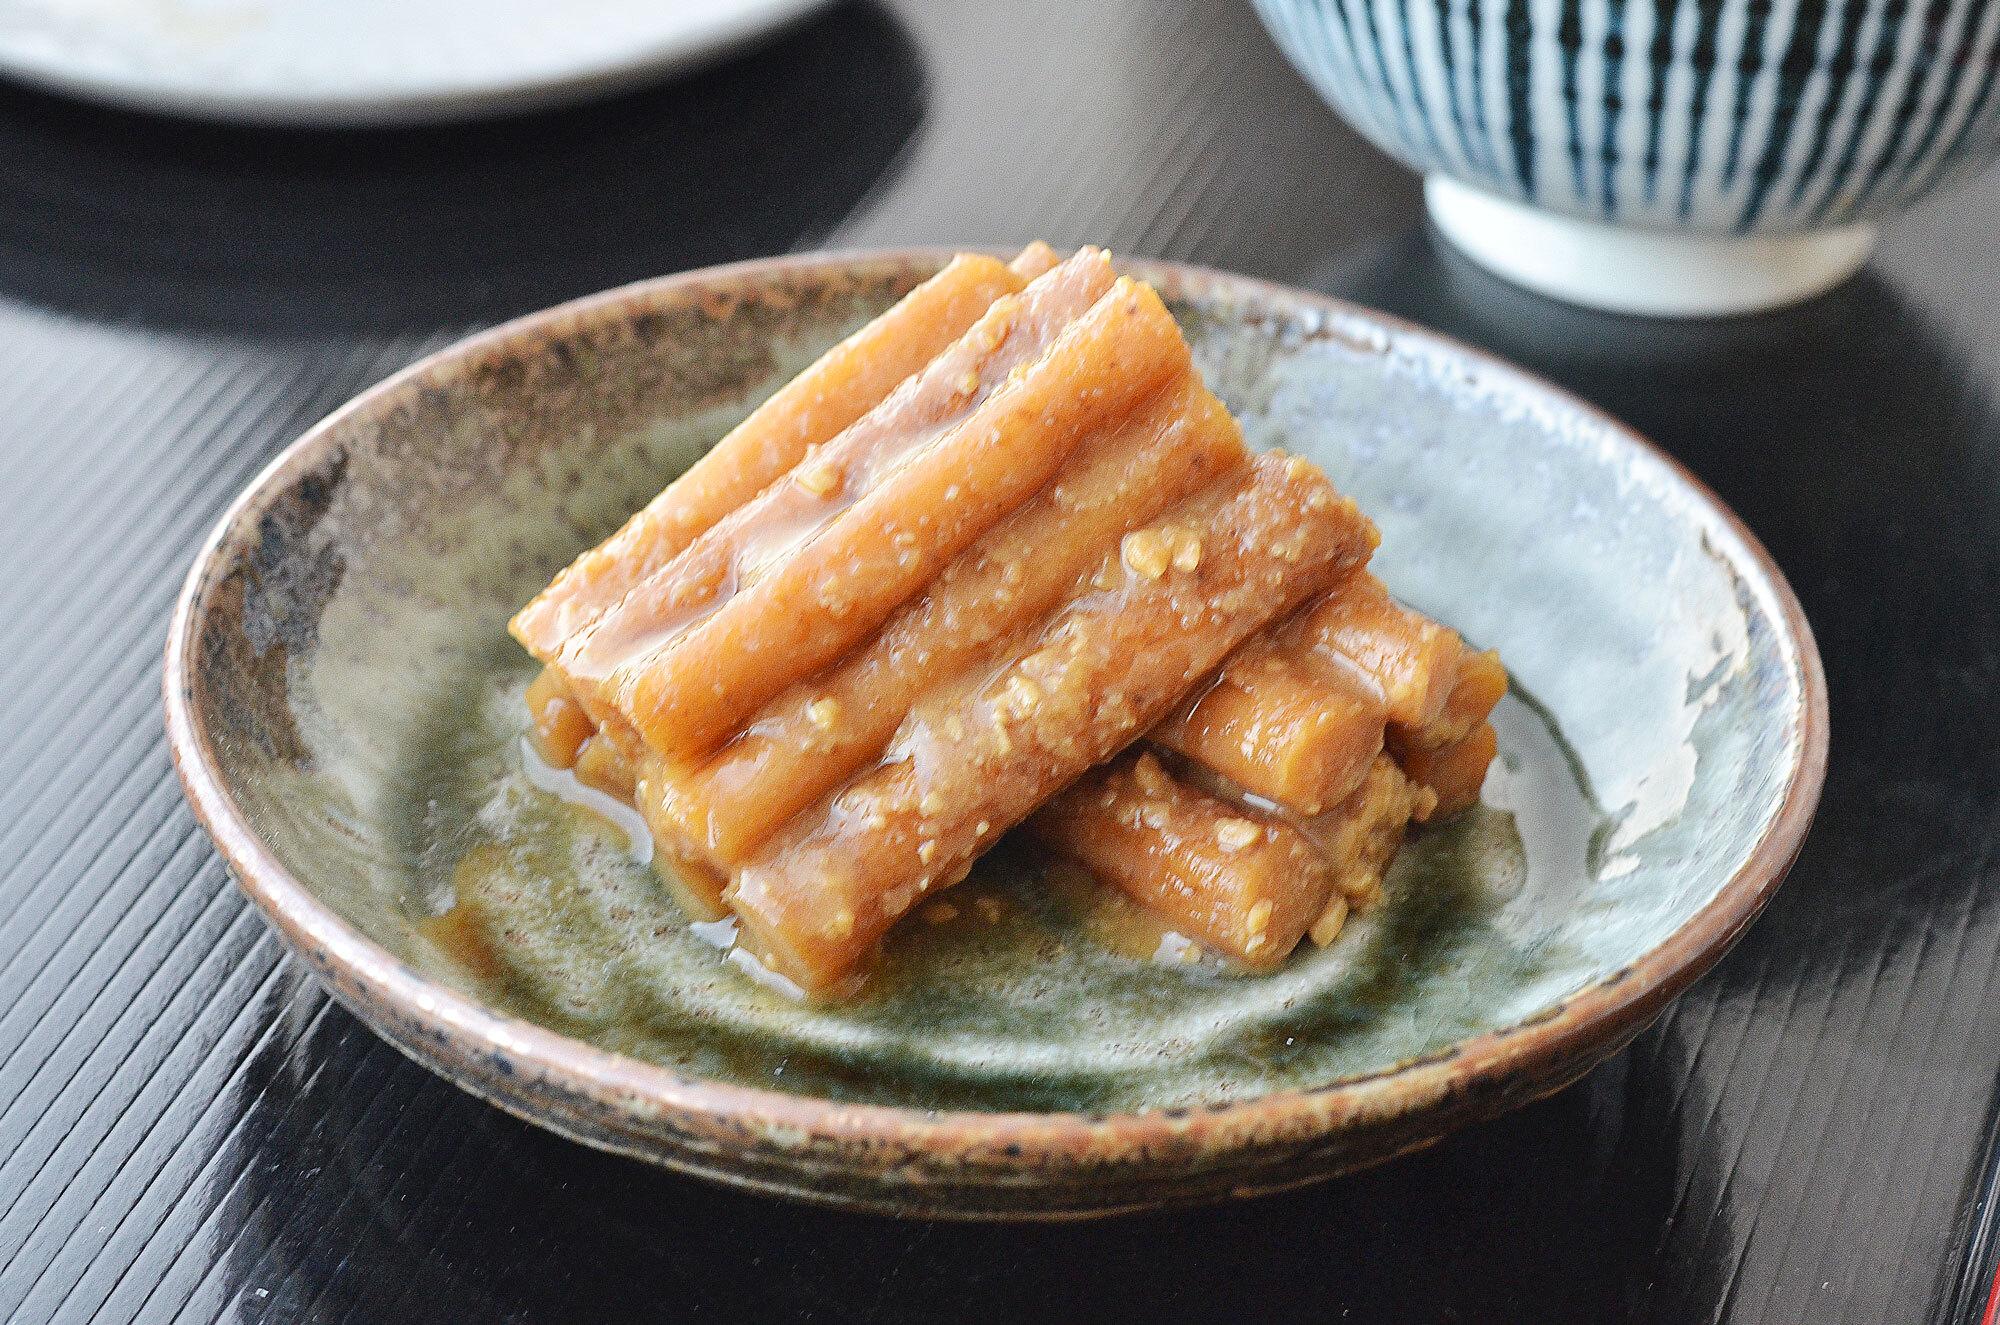 みそ漬ごぼう!蔵造りの味噌に漬け込んだお漬物の代表作です!